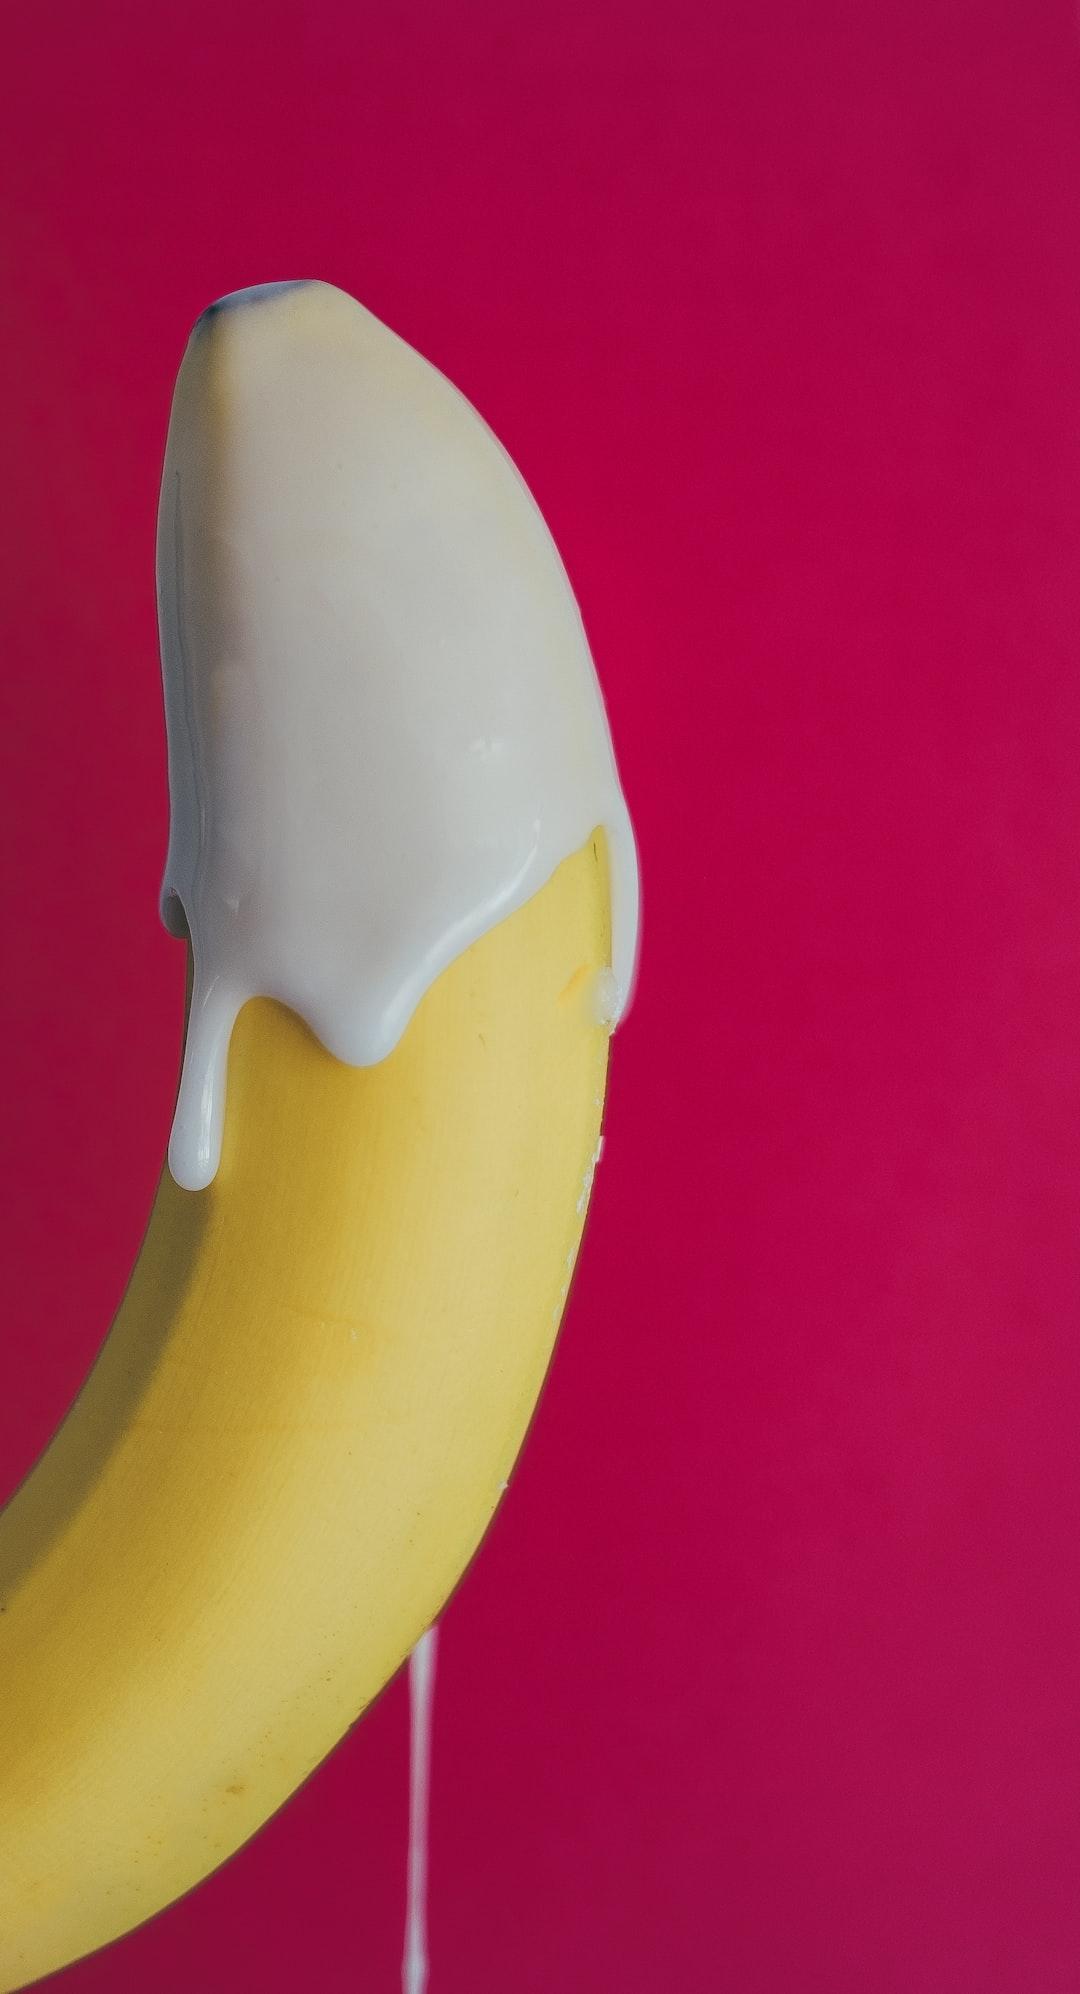 Banana dipped